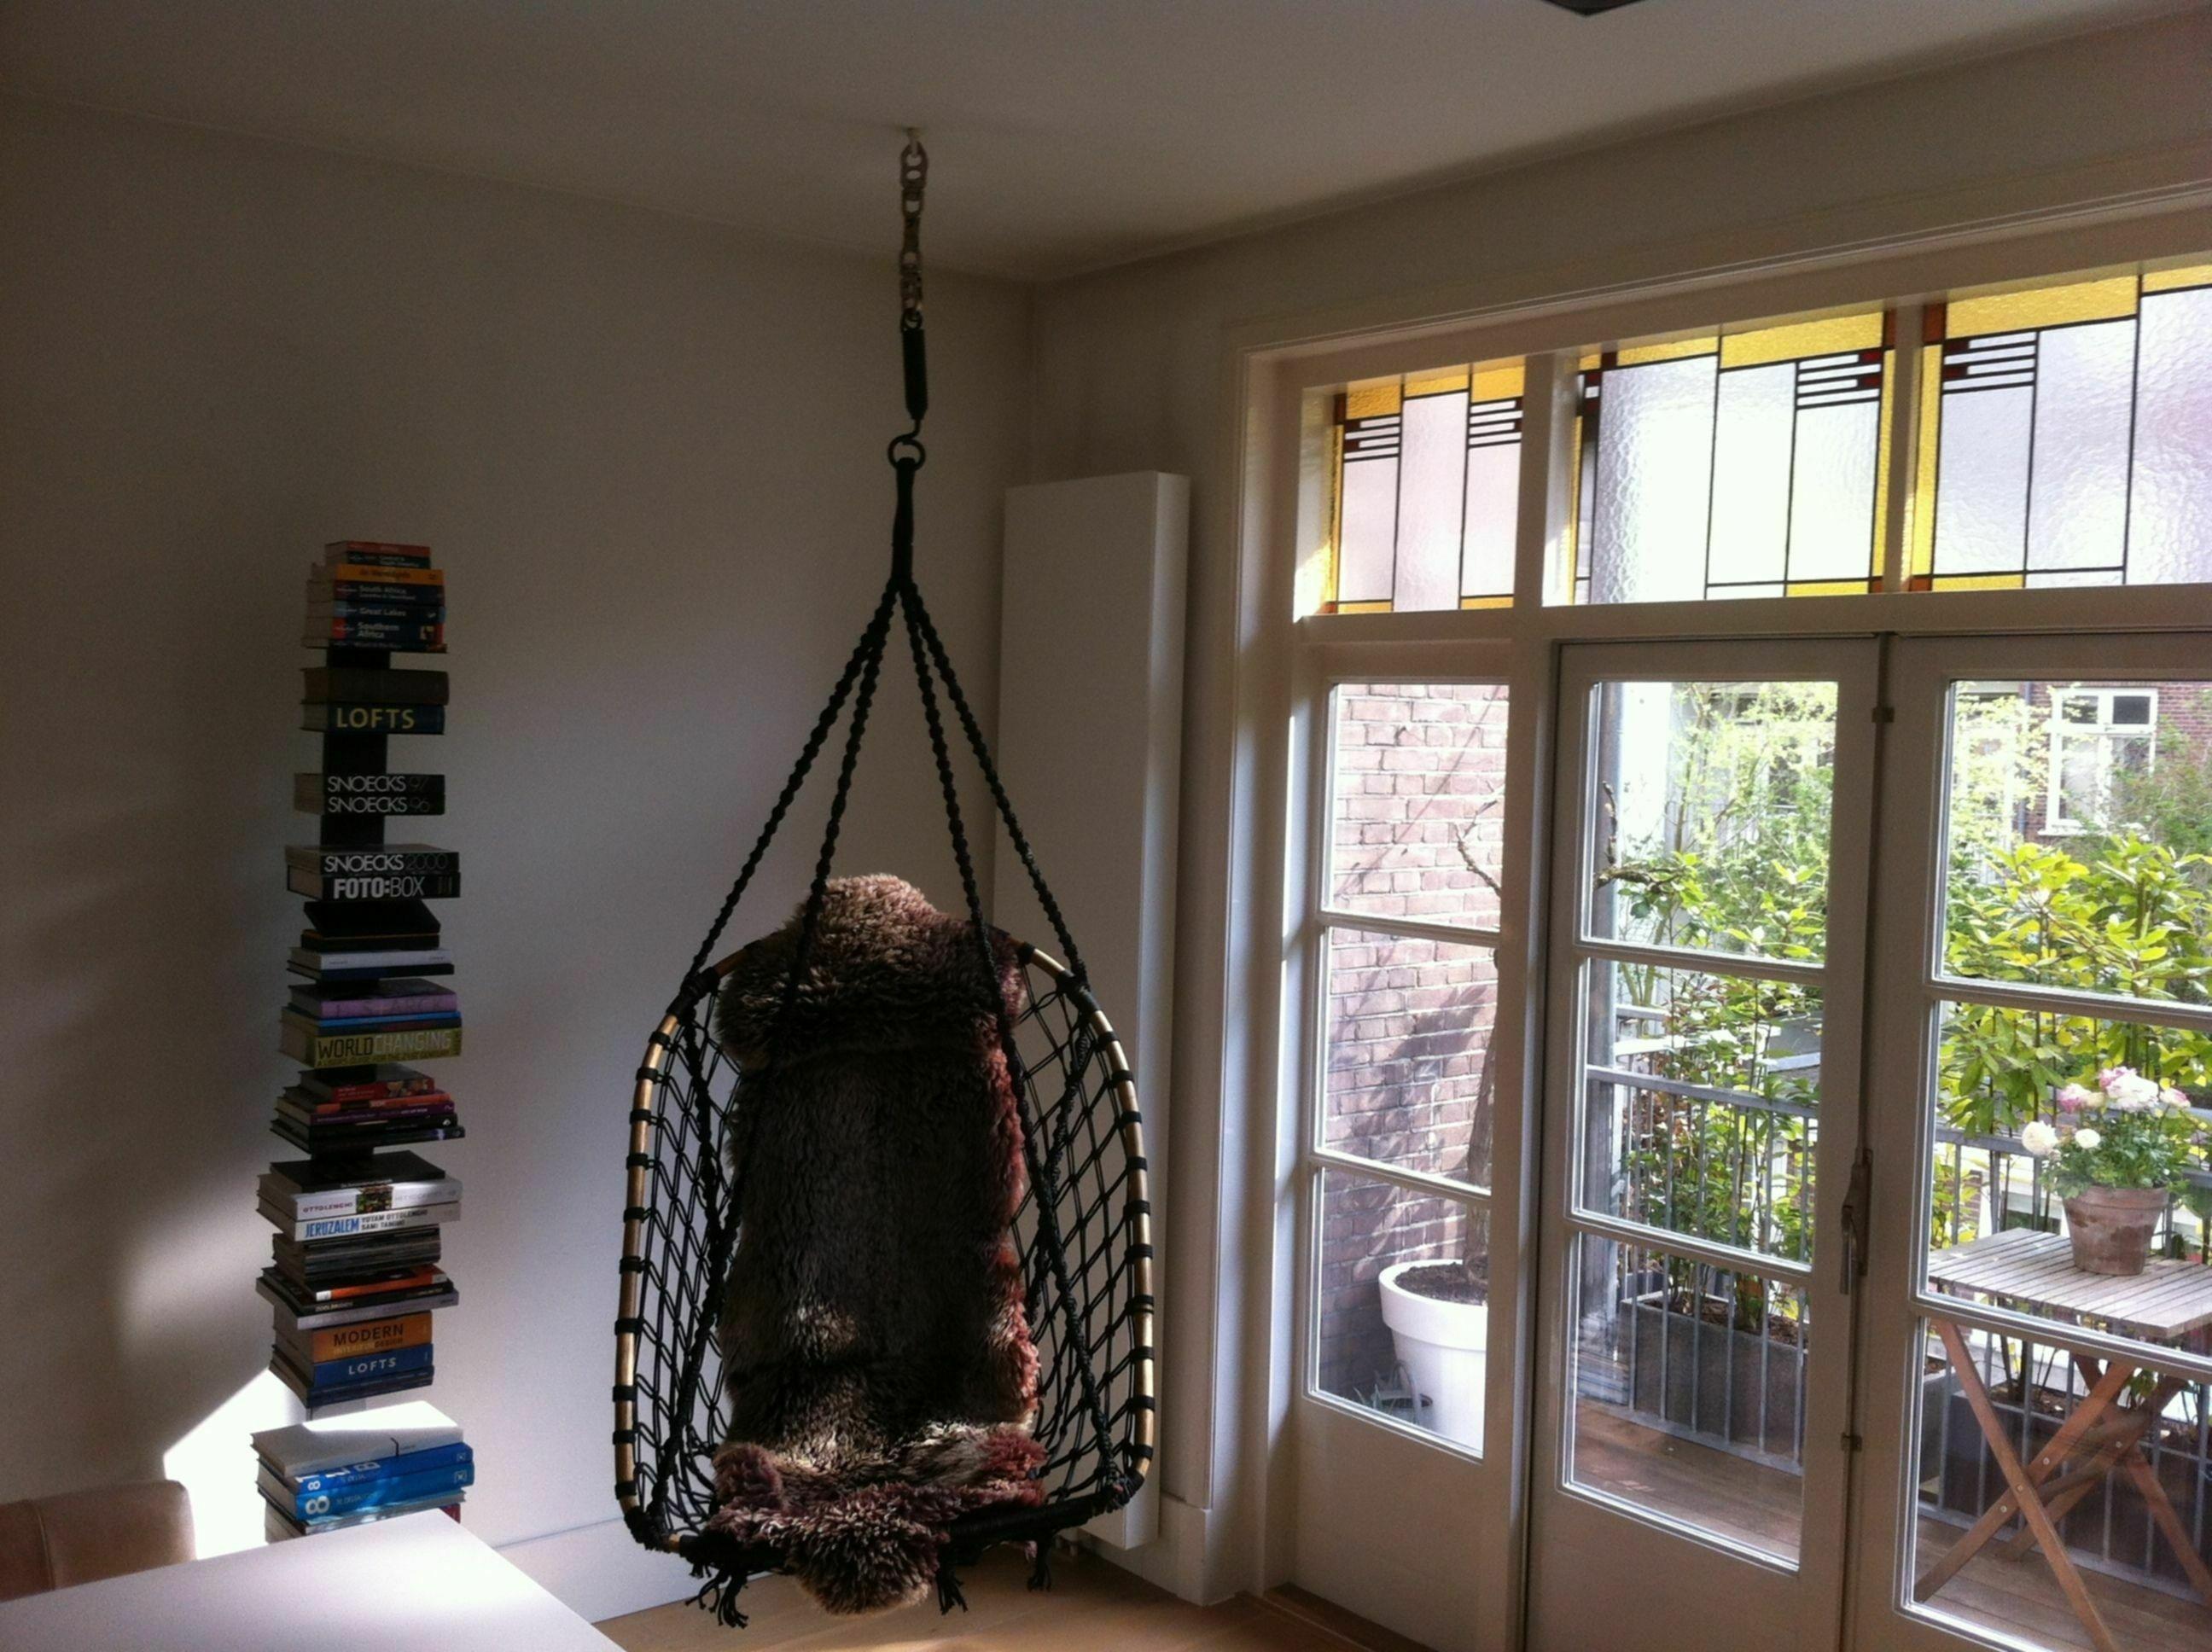 Hangstoel Aan Plafond Bevestigen.Hangstoel In De Woonkamer Voordemakers Nl